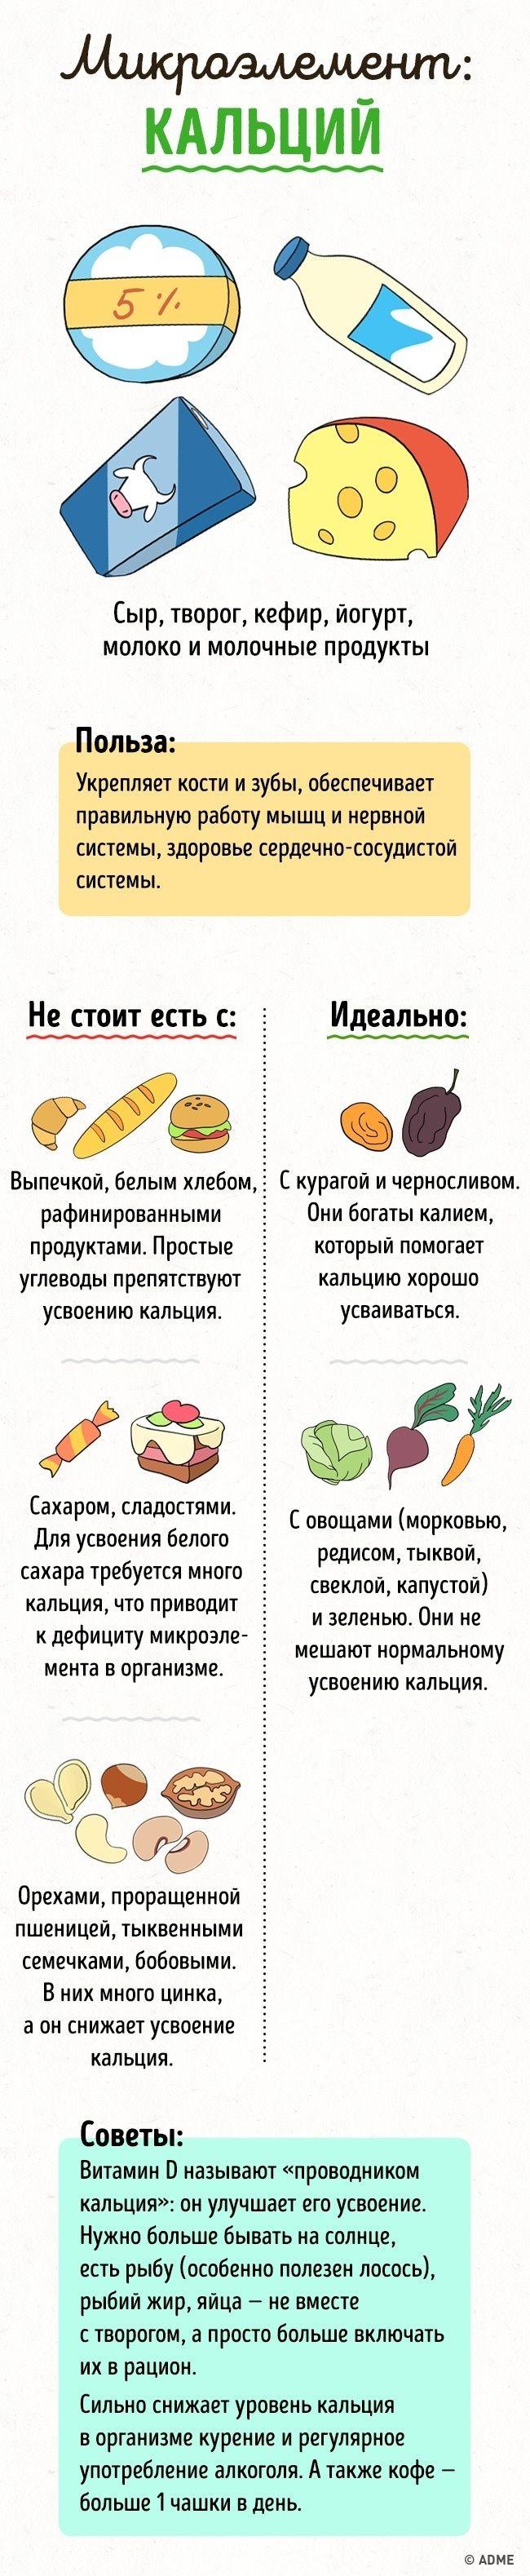 Полезные микроэлементы и витамины в еде не всегда дружат и даже могут блокировать усвоение друг друга (а порой, наоборот, усиливать). Чтобы свести к минимуму нежелательные сочетания, не стоит налегать...